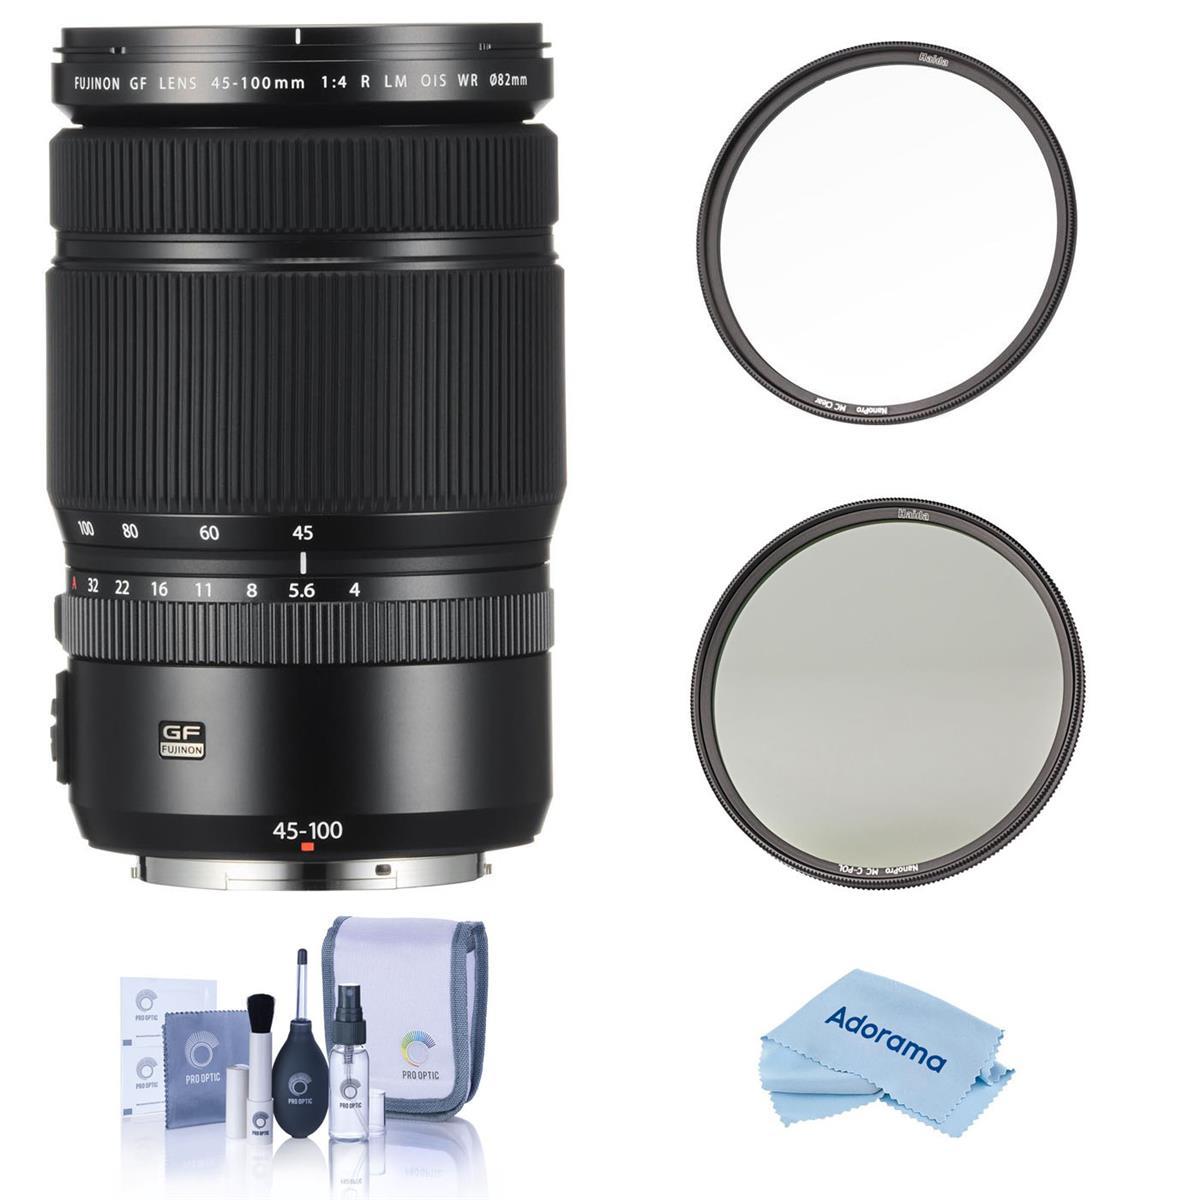 Fujifilm GF 45-100mm F4 R LM WR Lens - With Haida 82mm NanoPro MC Clear Filter,- Haida 82mm NanoPro MC Circular Polarizer Filter, Cleaning Kit, Microfiber Cloth